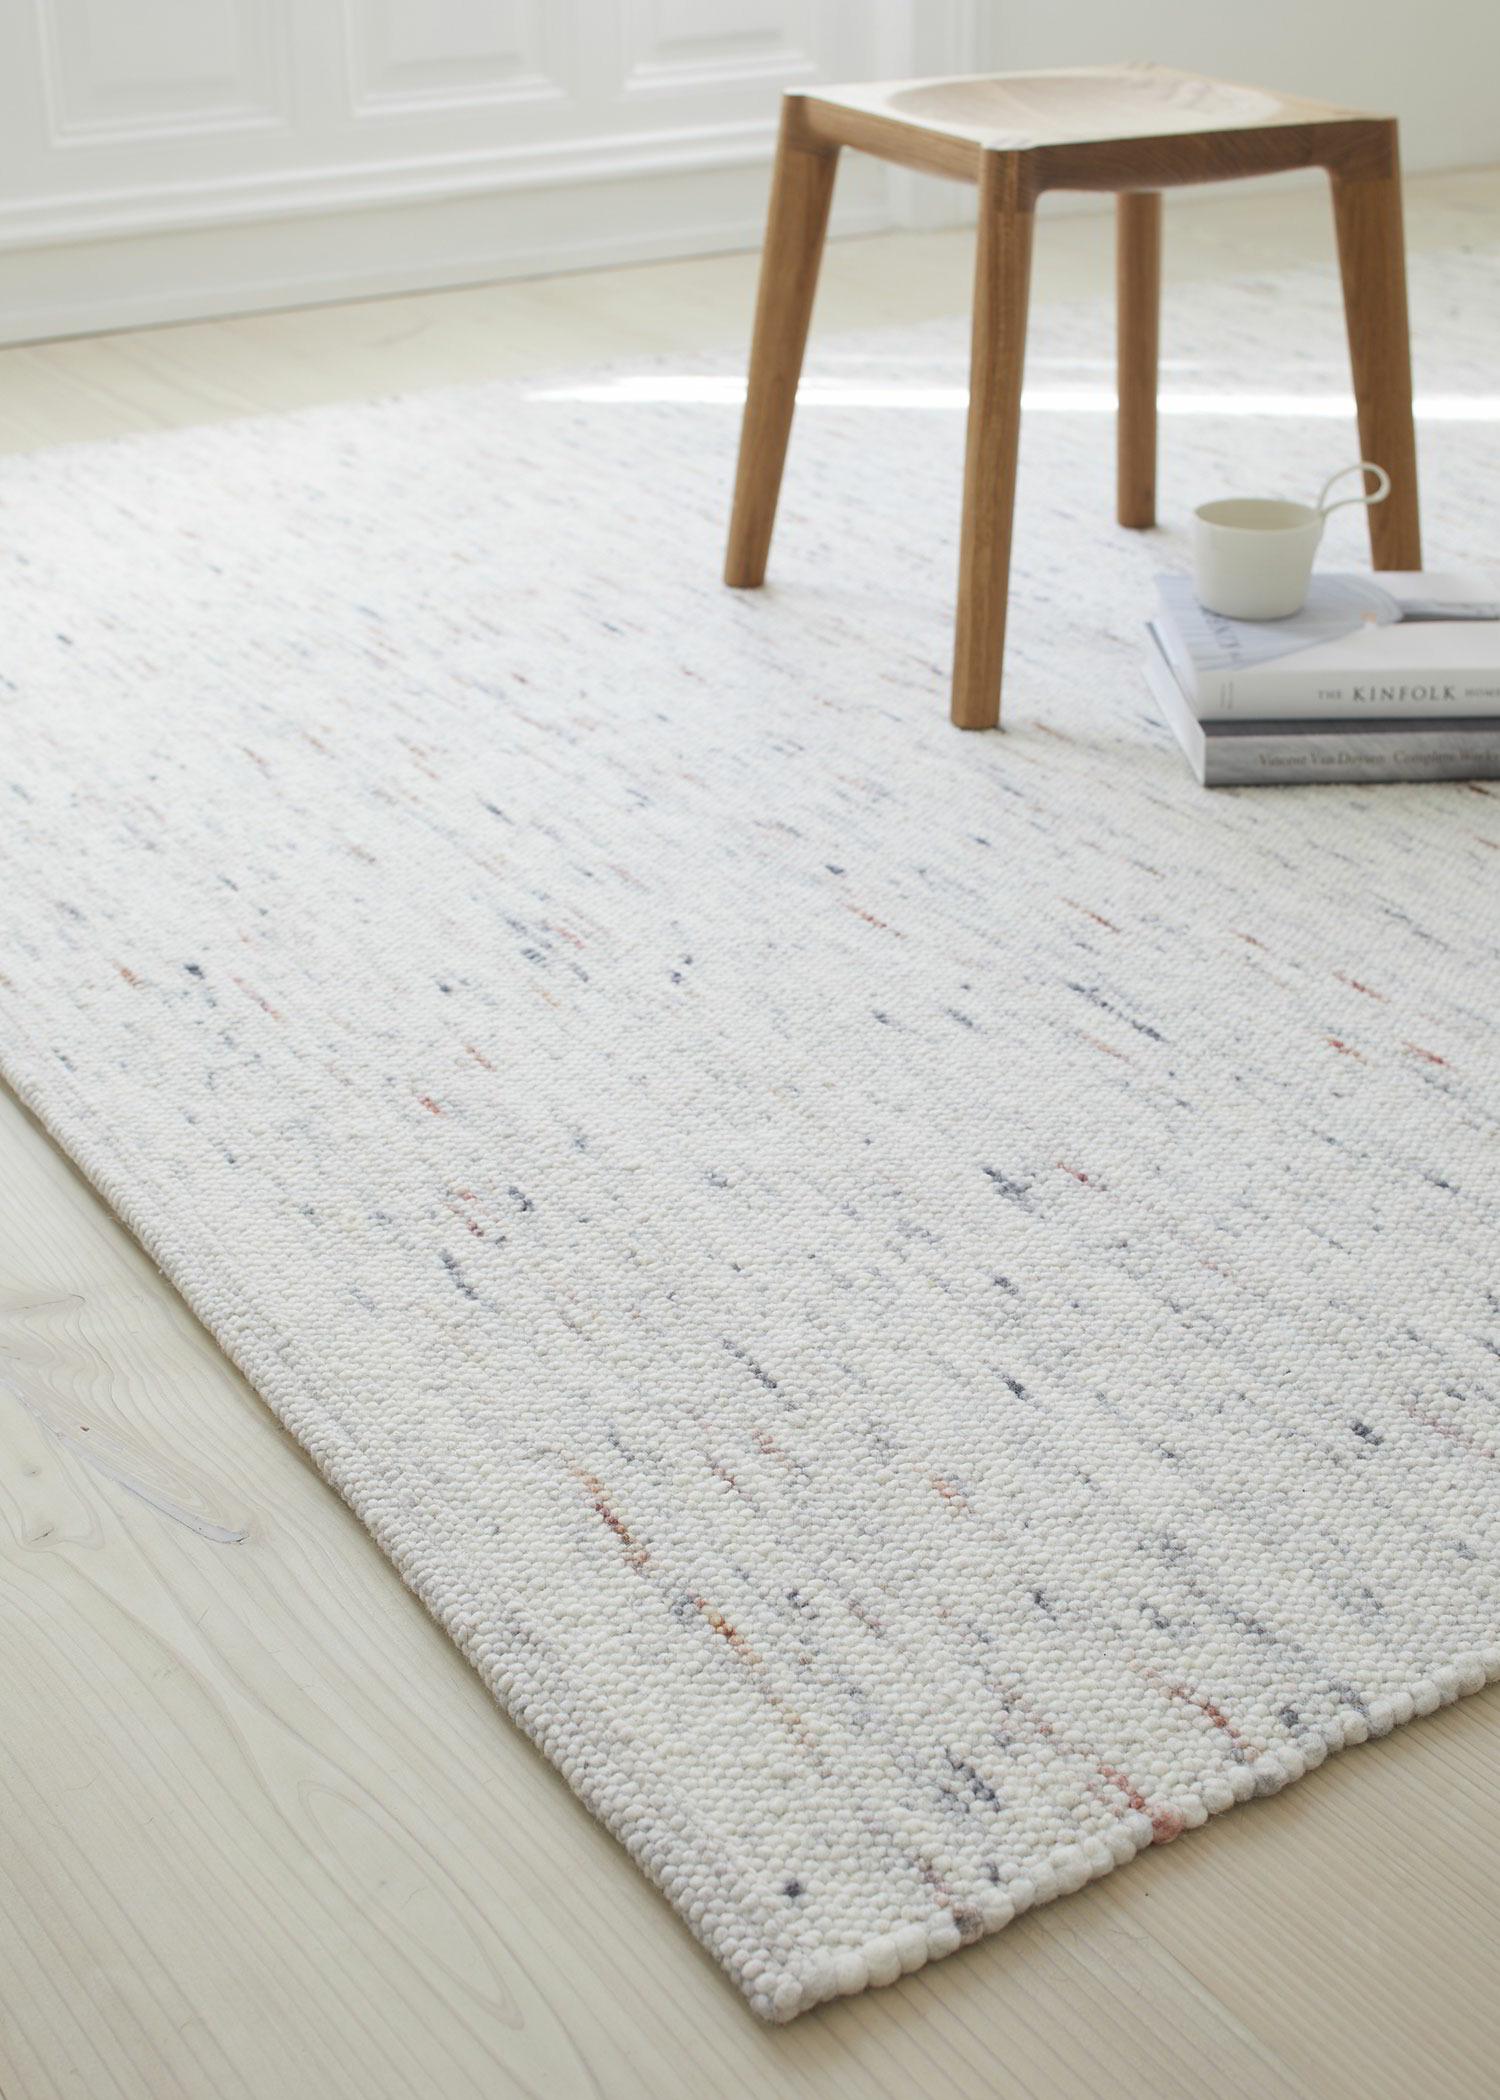 schafschurwoll teppich fiamma gr ne erde. Black Bedroom Furniture Sets. Home Design Ideas